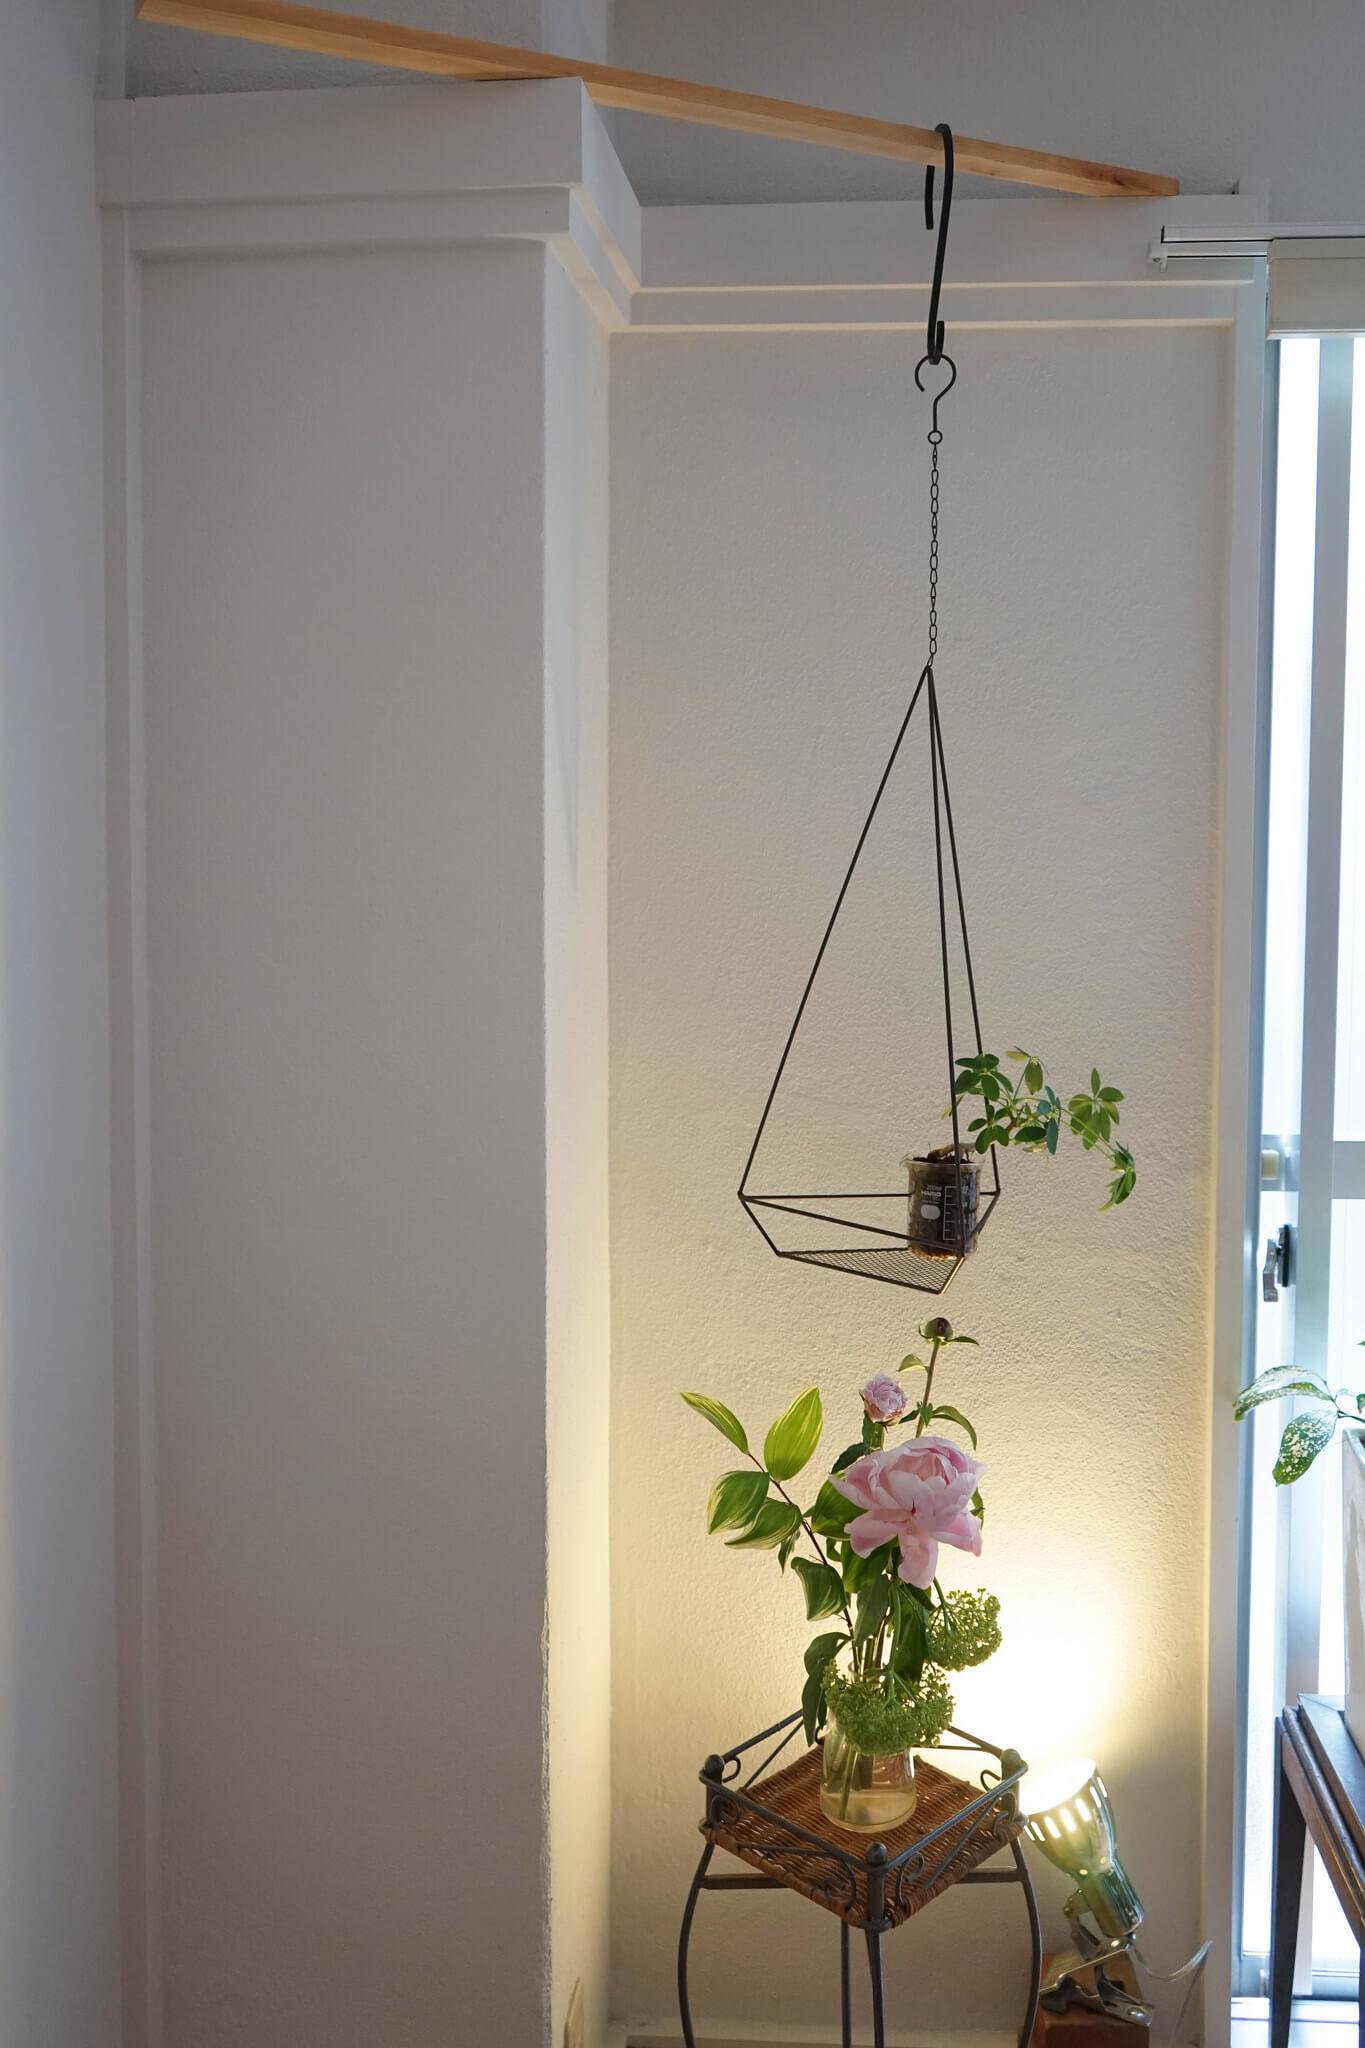 元和室ならではの「長押(なげし)」も便利で、フックでいろんなものをかけて使っています。これは角を利用して木材を渡しただけ。